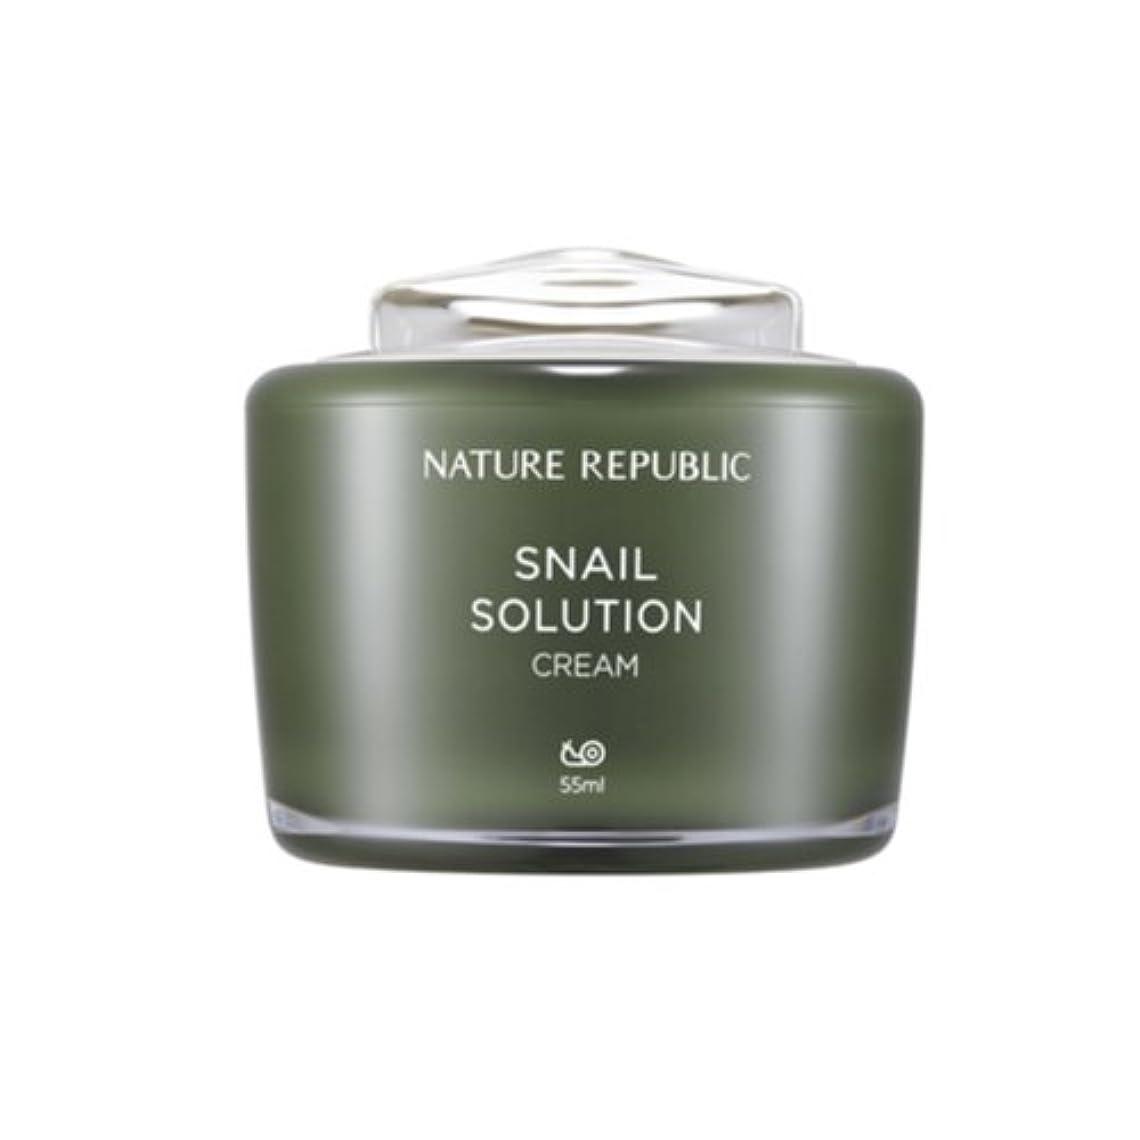 売る市民サンドイッチ[ネイチャーリパブリック] Nature republicスネイルソリューションクリーム海外直送品(Snail Solution Cream) [並行輸入品]